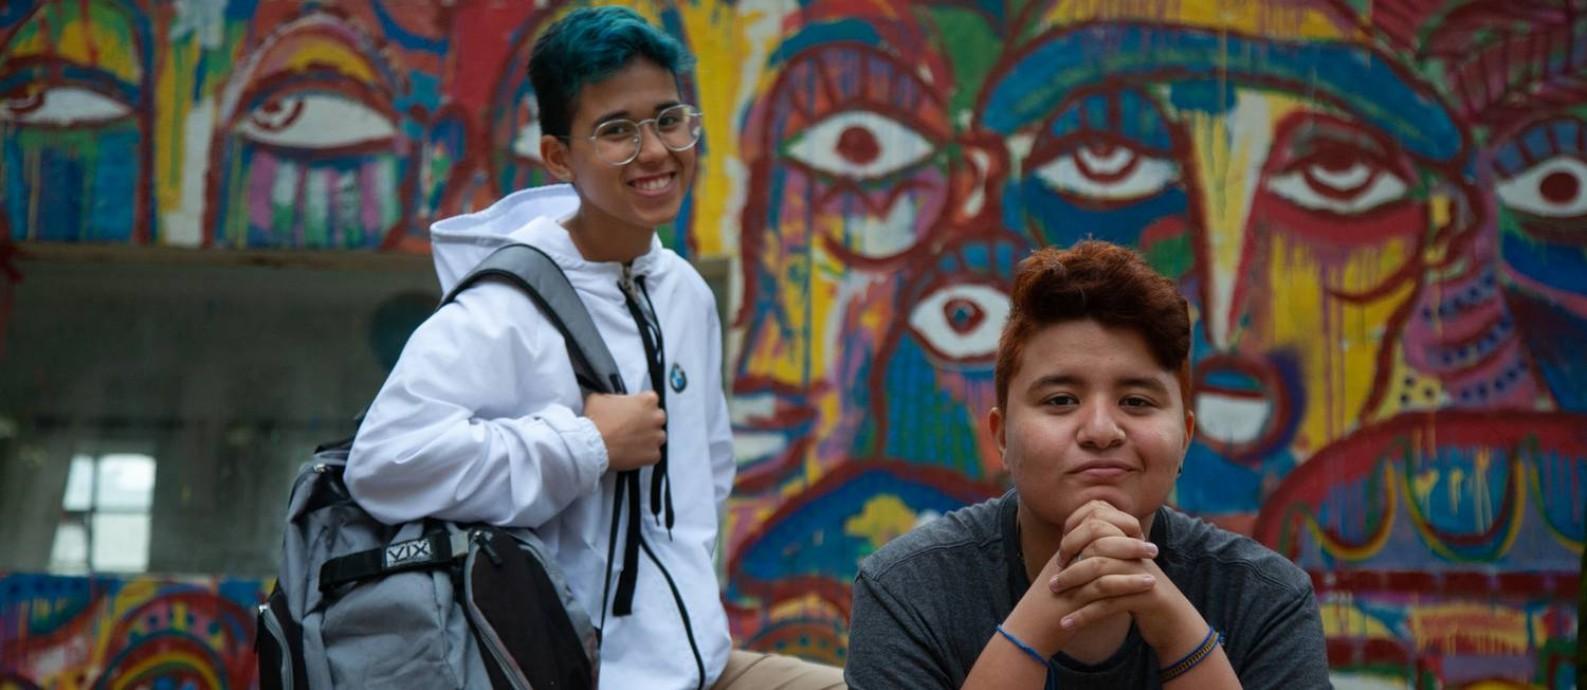 Os estudantes Tyller Guedes de Freitas, de 15 anos (à esquerda) e Will Nascimento Oliveira, de 18, alunos da Escola Estadual Caetano de Campos, região central de São Paulo Foto: Jefferson Coppola / Agência O Globo